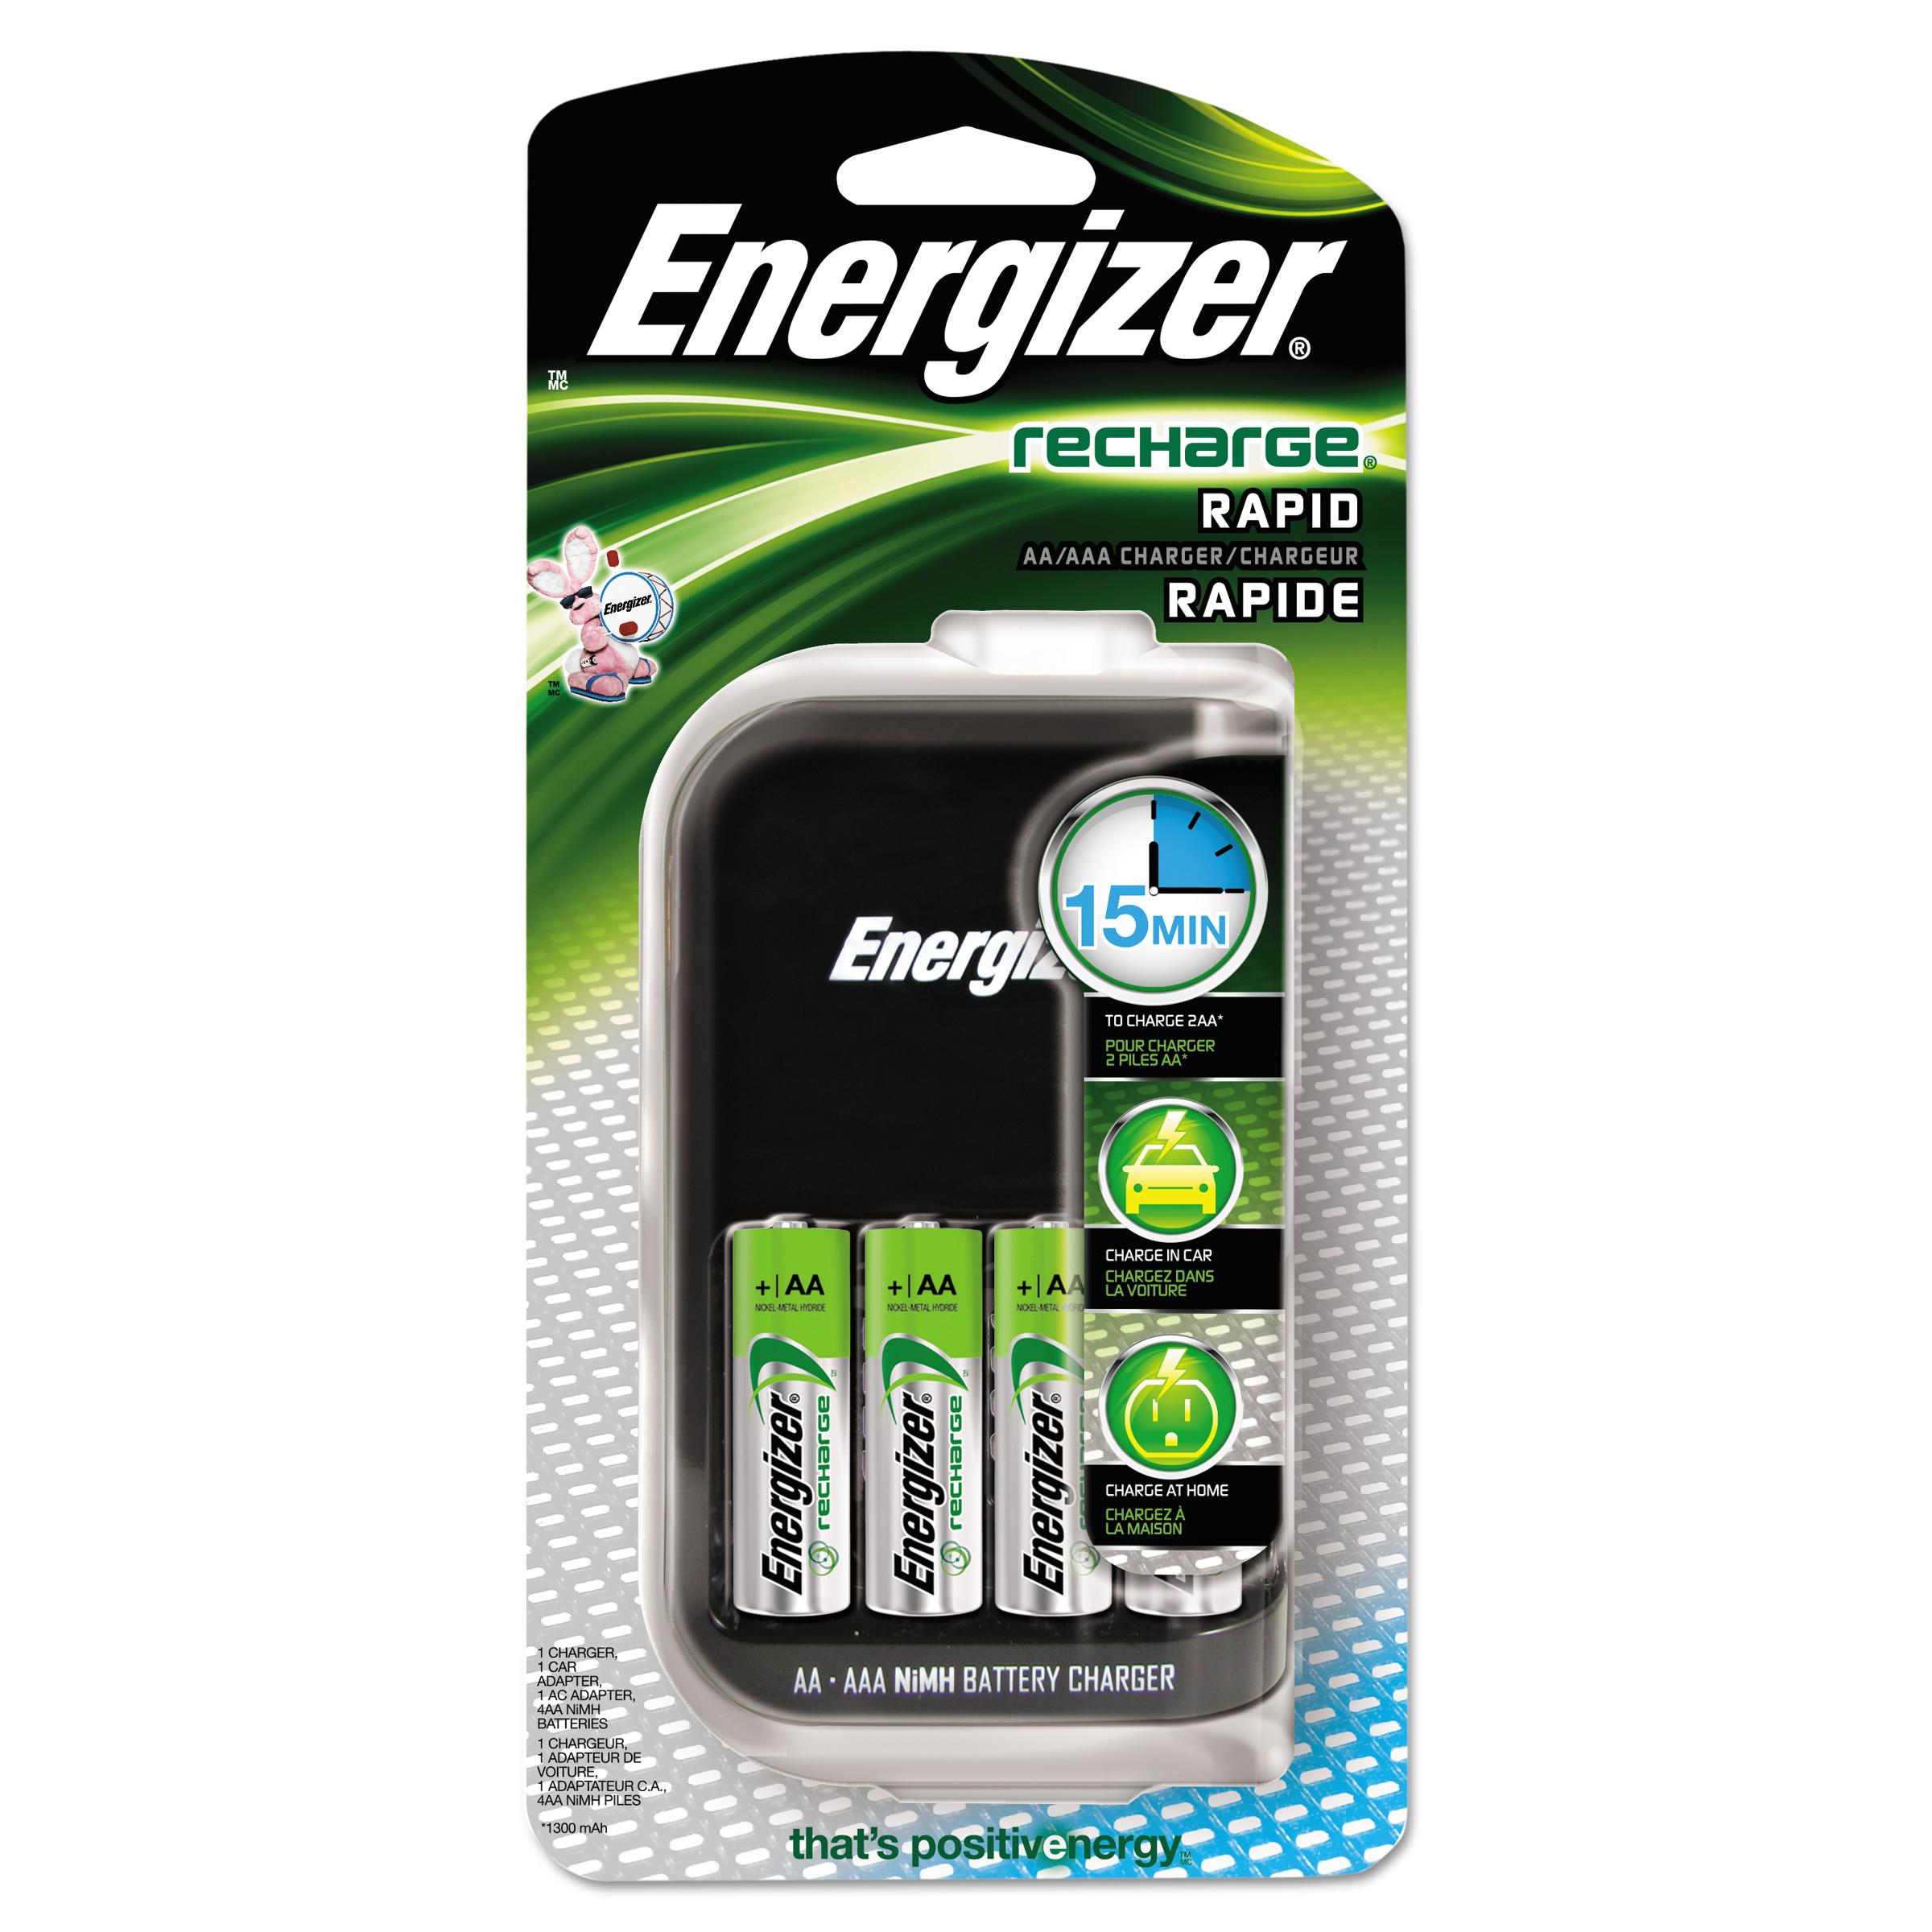 AA Battery Chargers - Us zip code aa